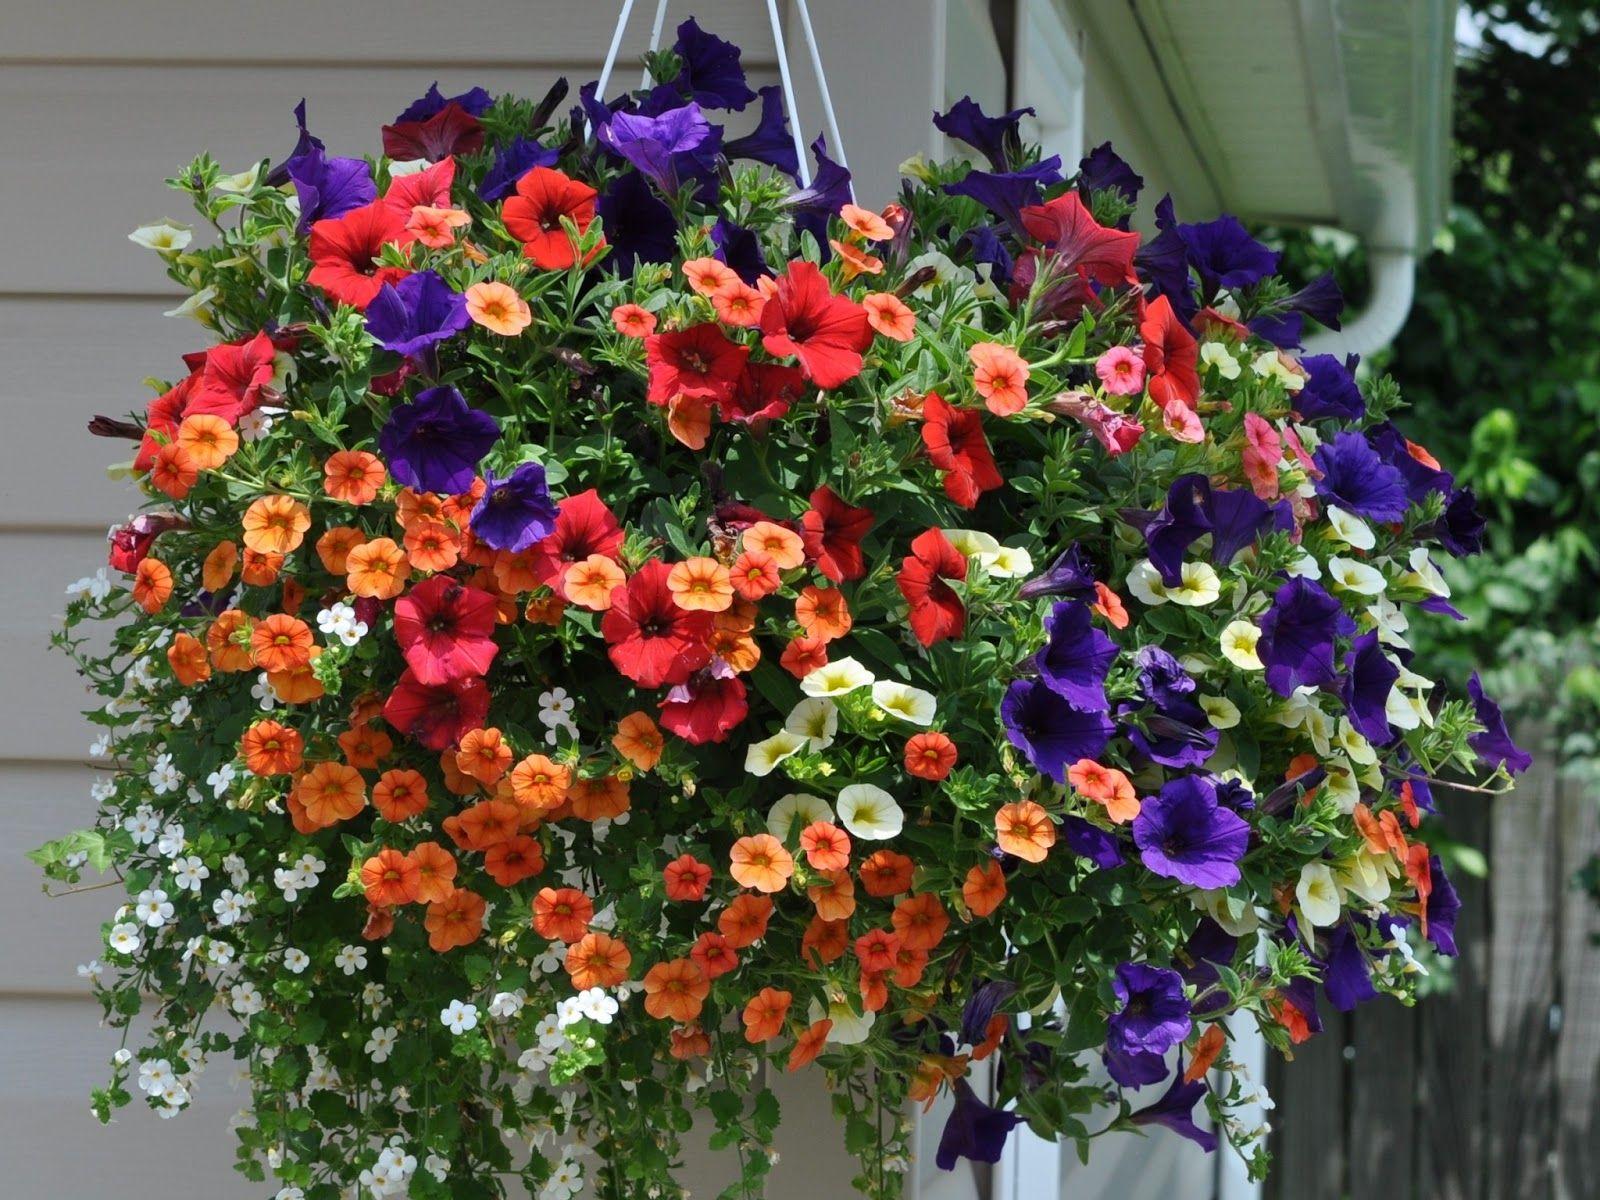 summer flowers hanging basket flowers pinterest. Black Bedroom Furniture Sets. Home Design Ideas